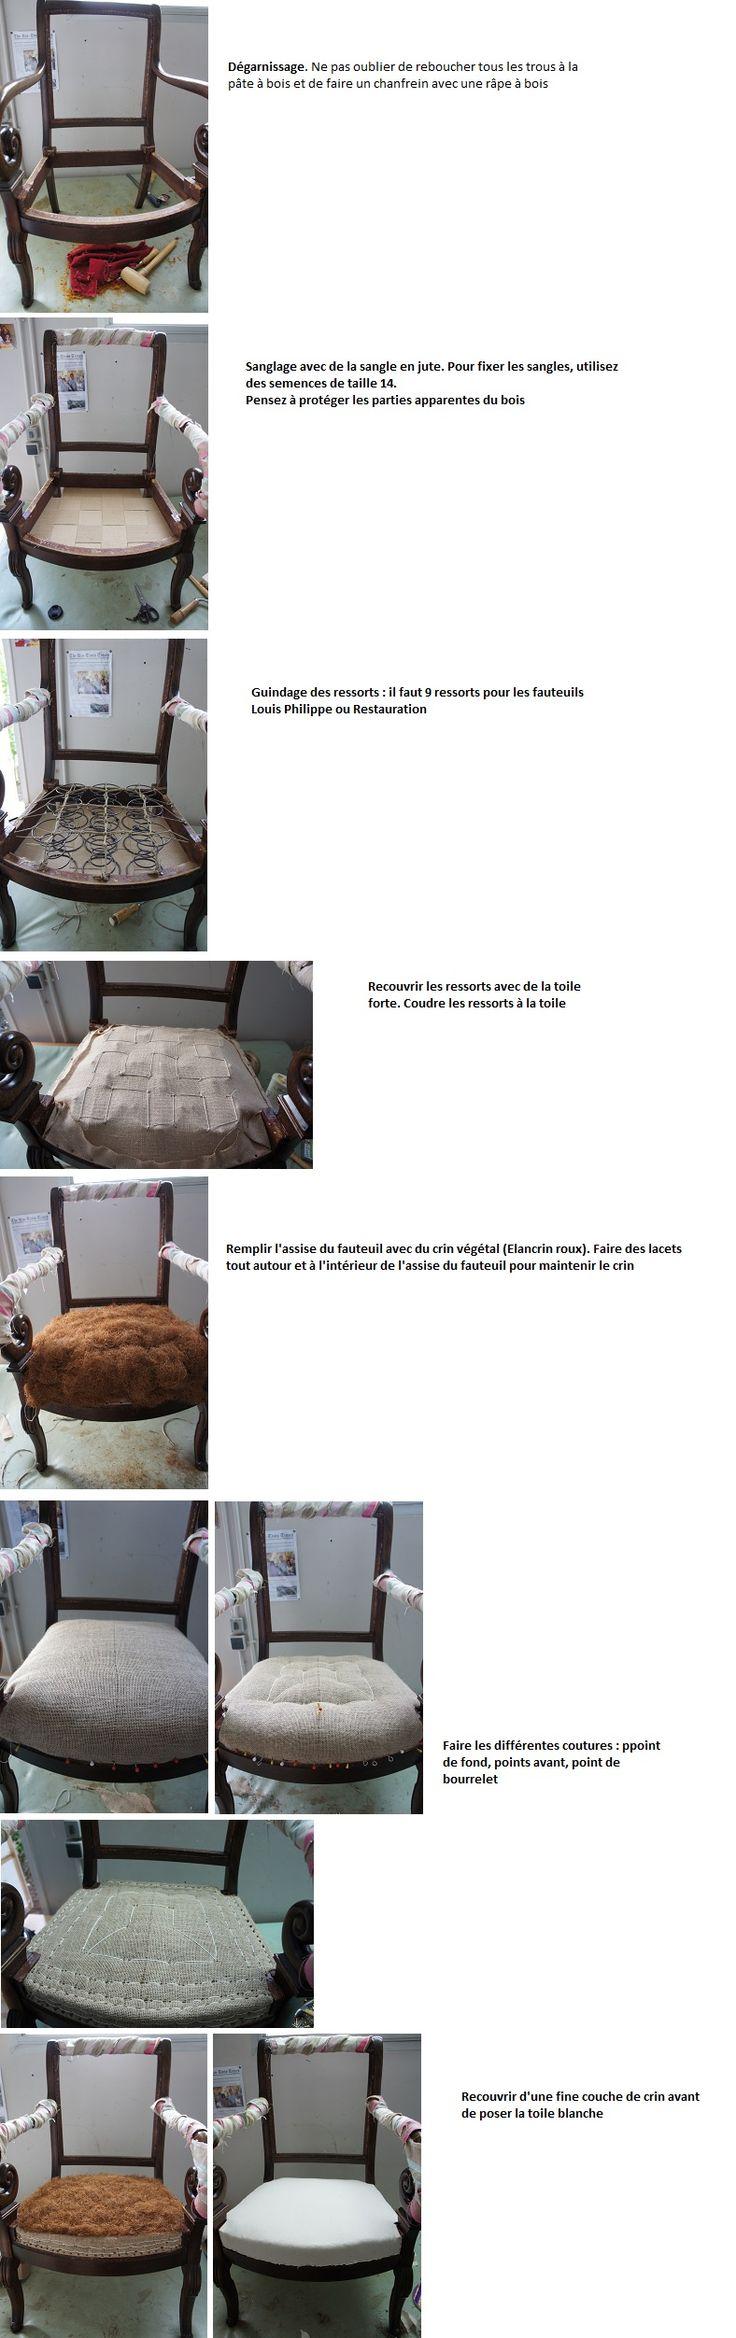 les 25 meilleures id es de la cat gorie fauteuil voltaire sur pinterest retapisser un fauteuil. Black Bedroom Furniture Sets. Home Design Ideas